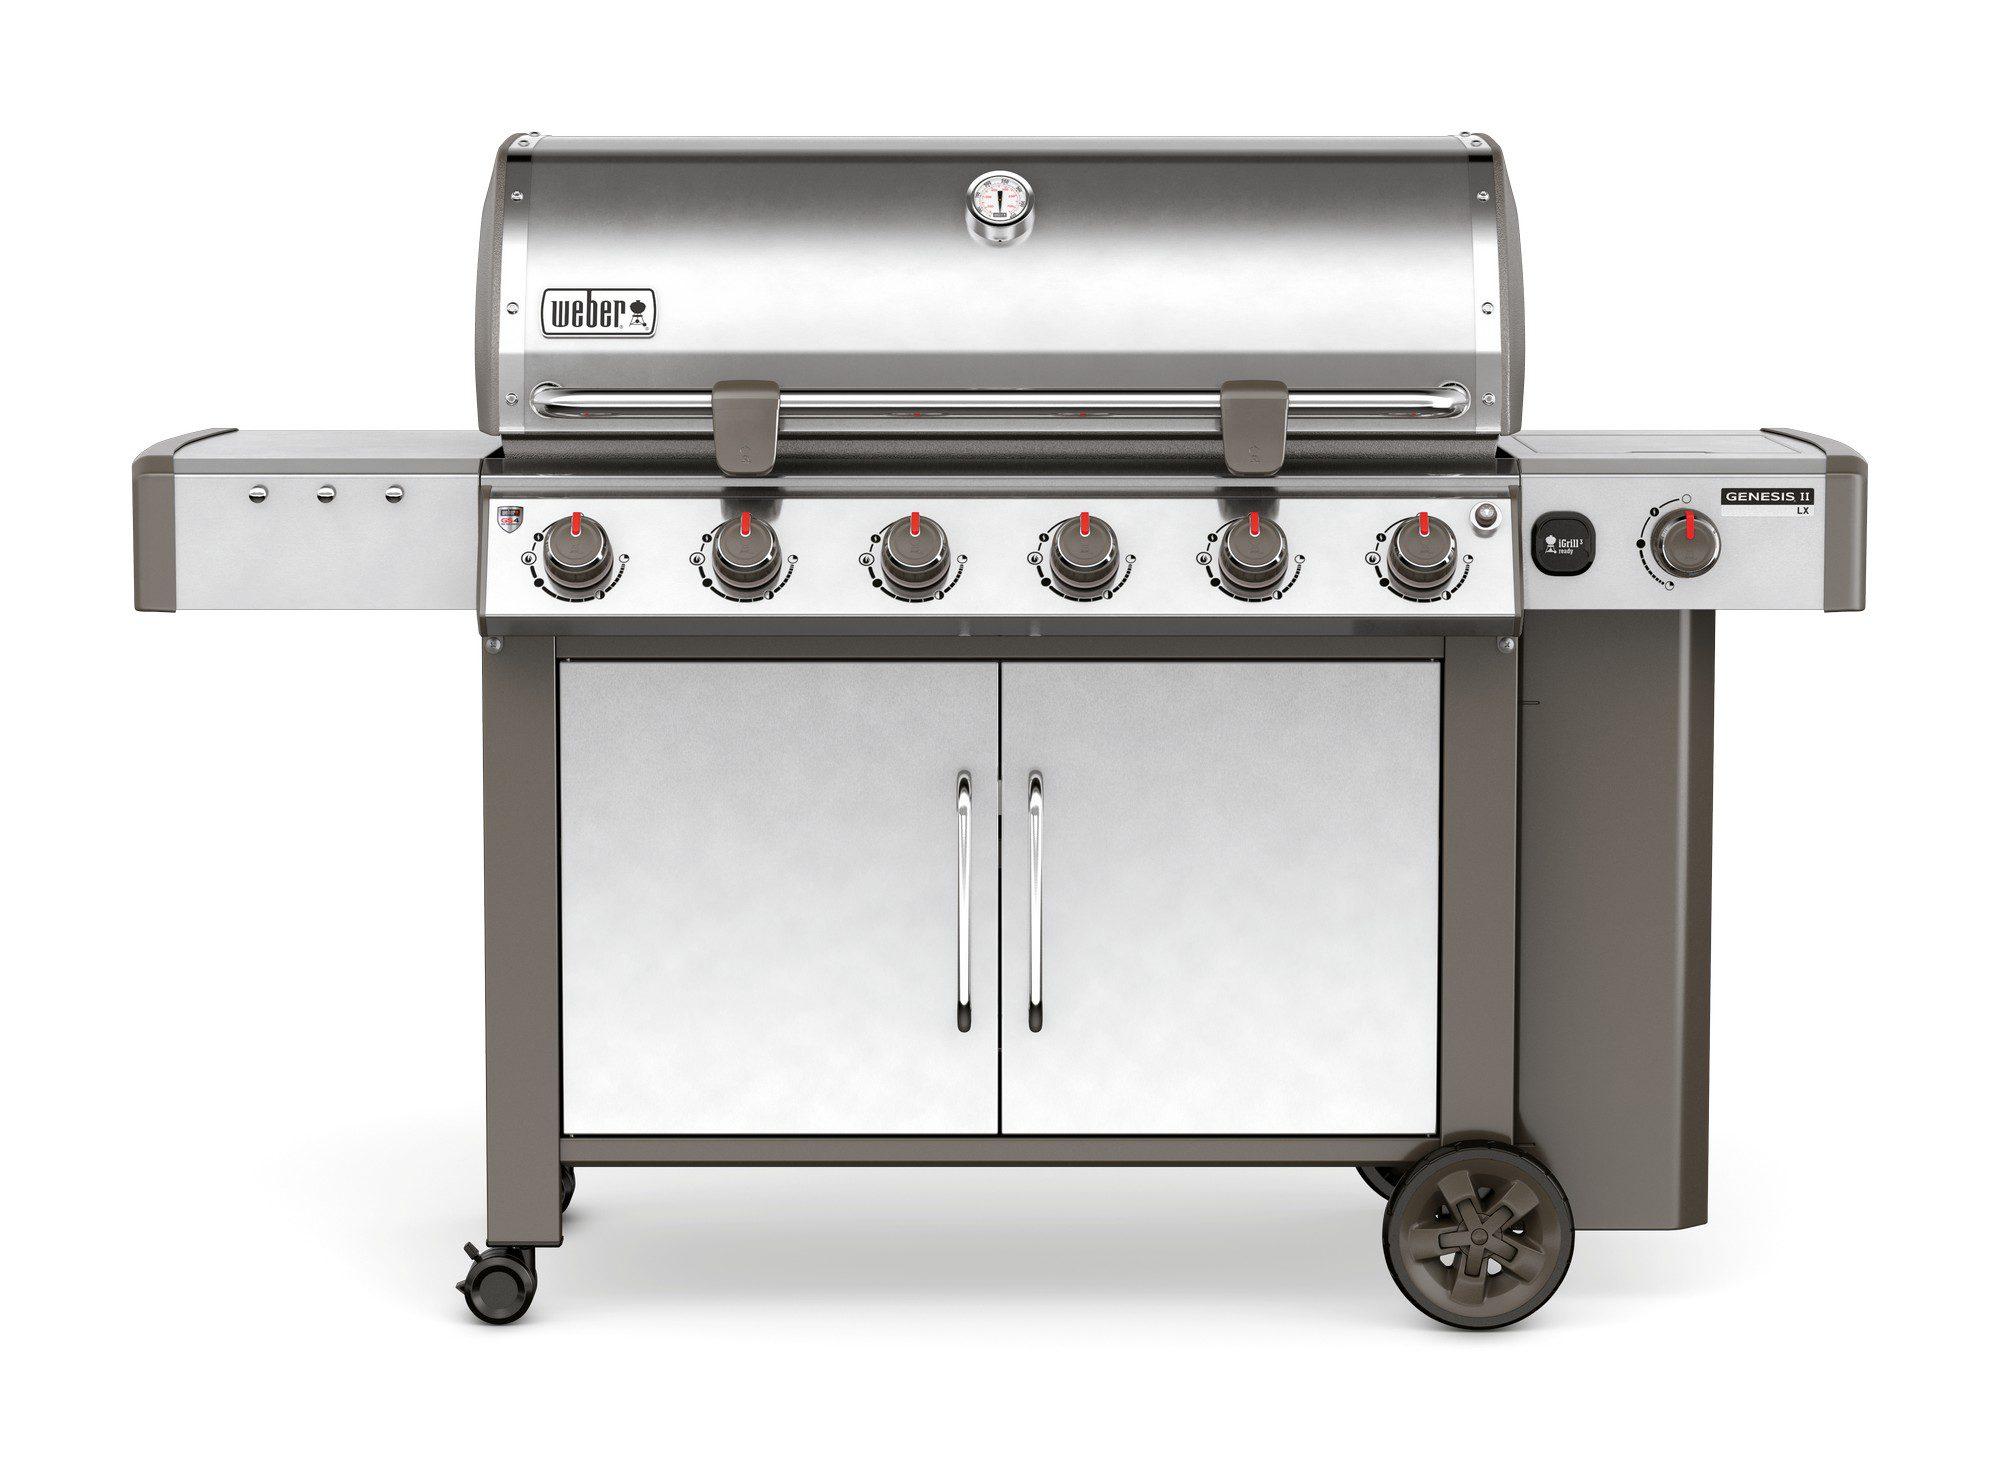 Weber Genesis II Lx s640